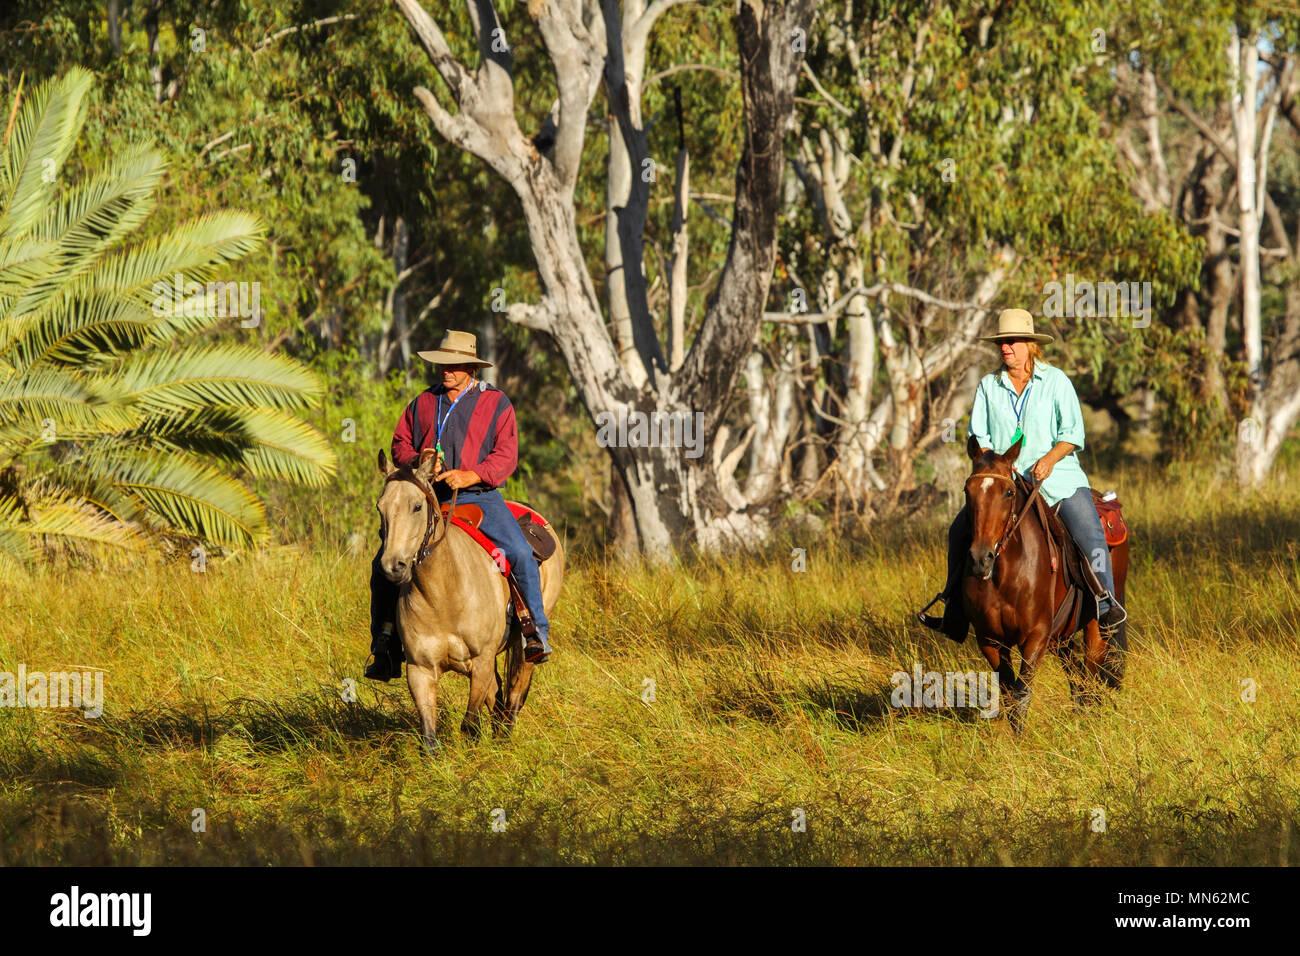 Il marito e la moglie a cavallo su una farm. Immagini Stock